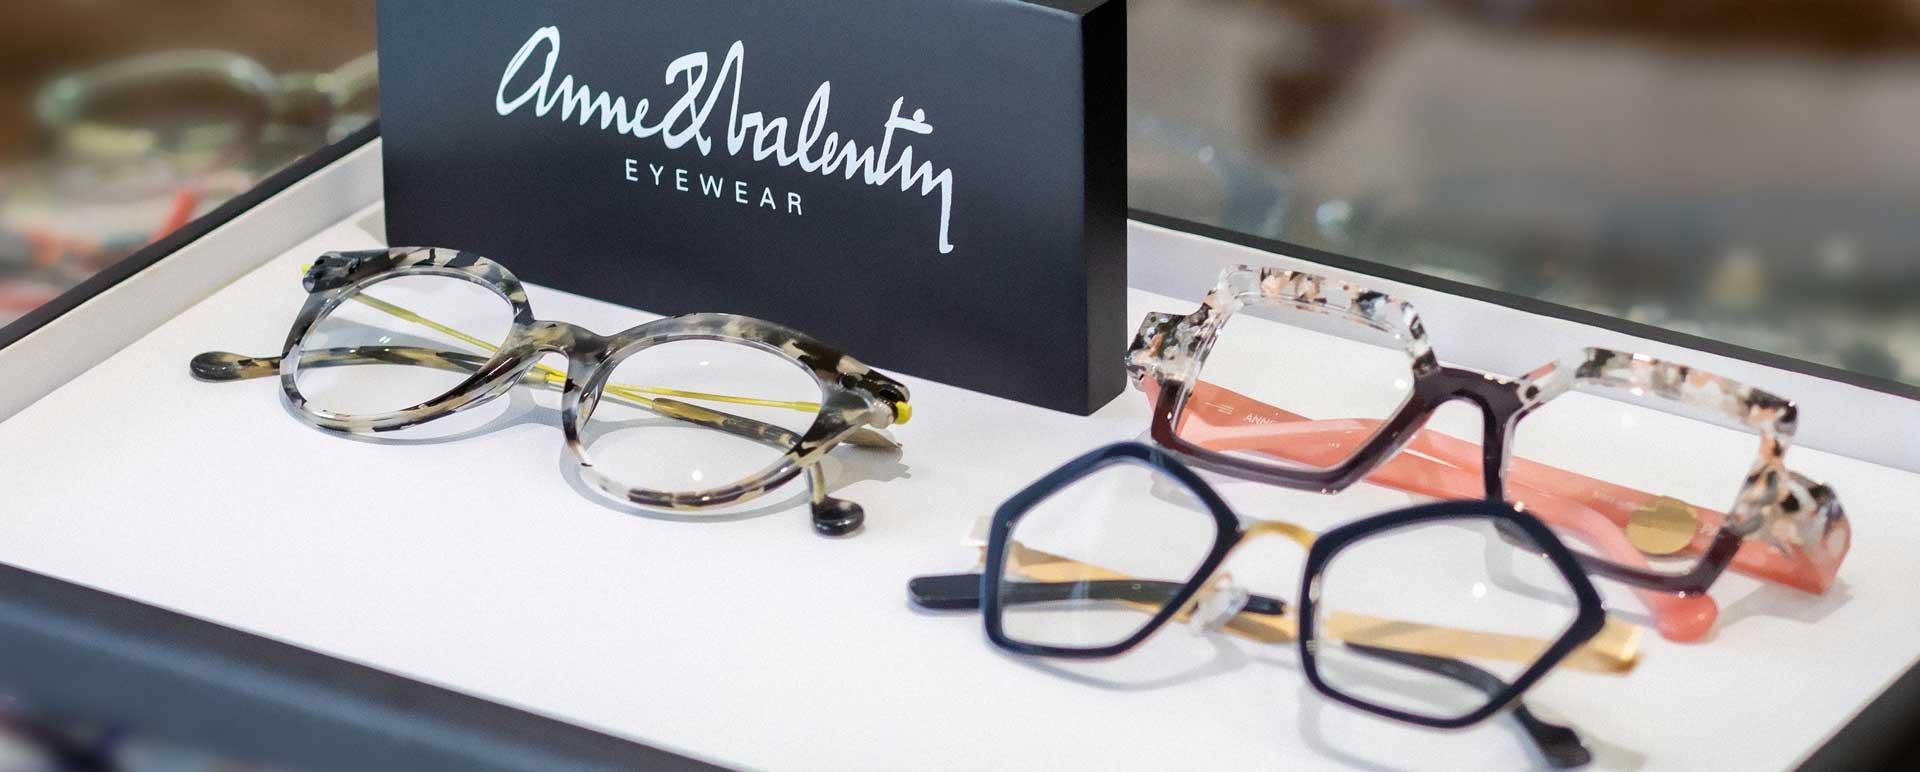 Anne & Valentin eyewear